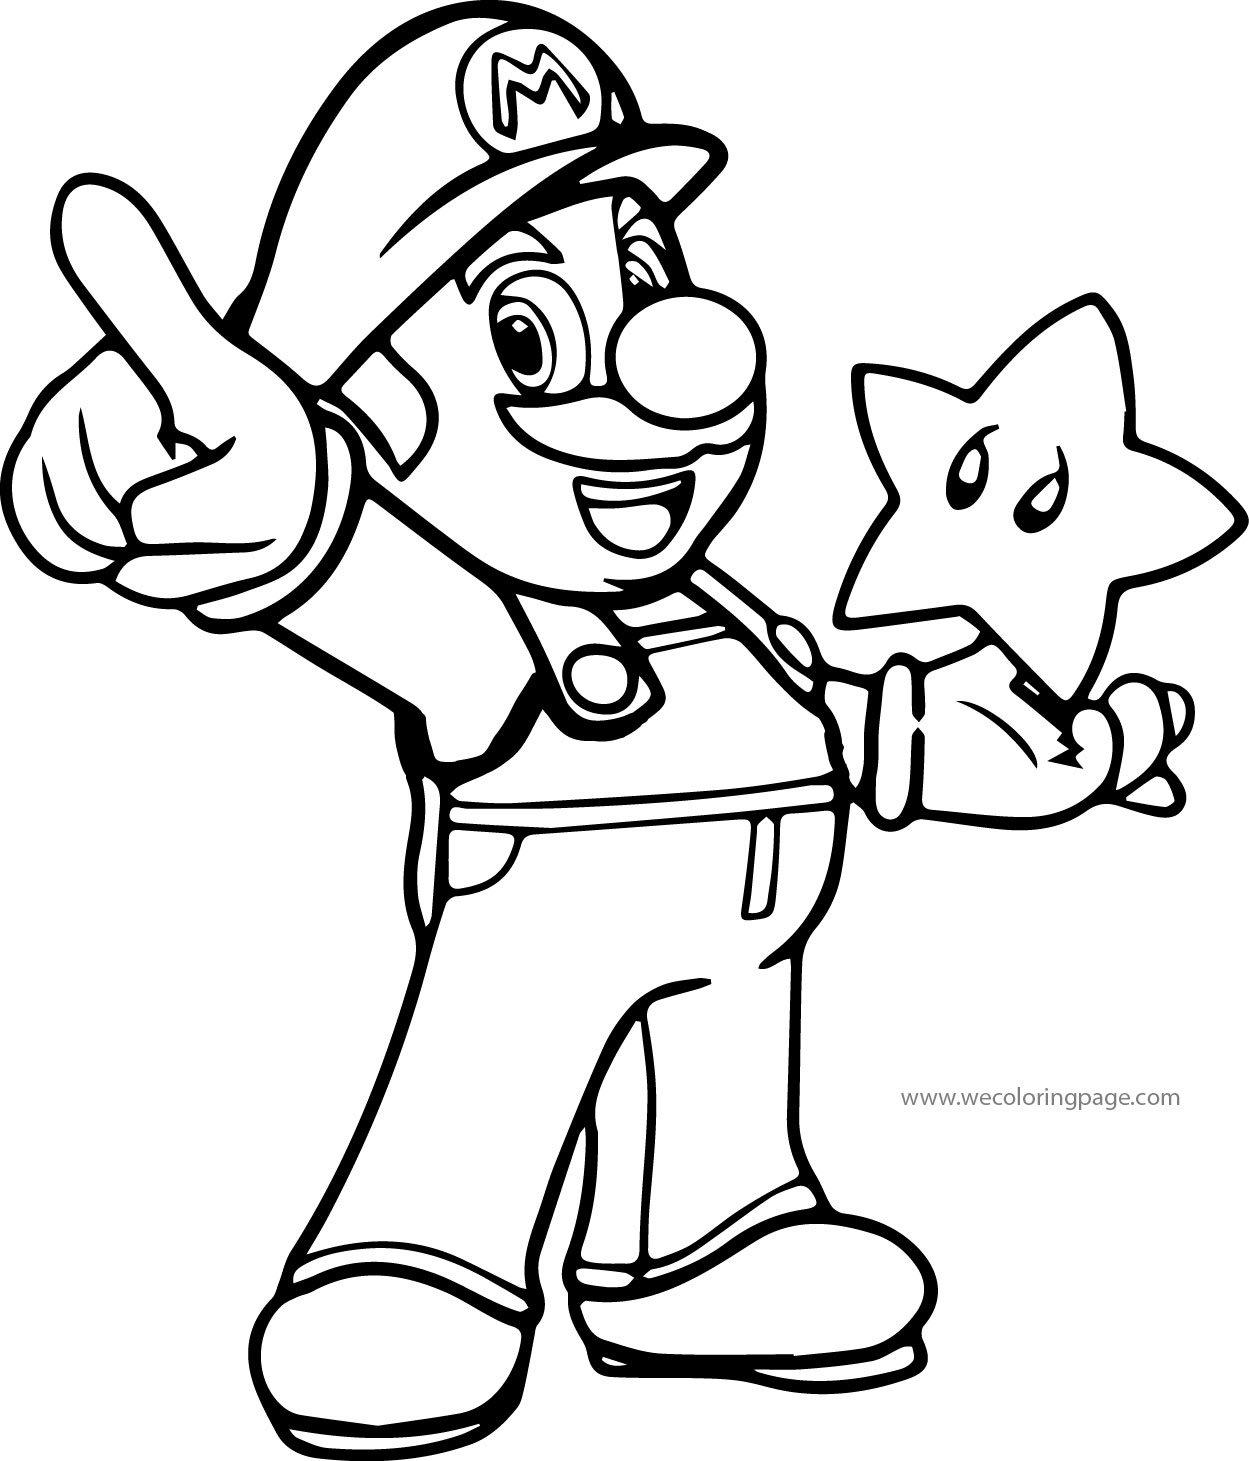 Super Mario Coloring Page